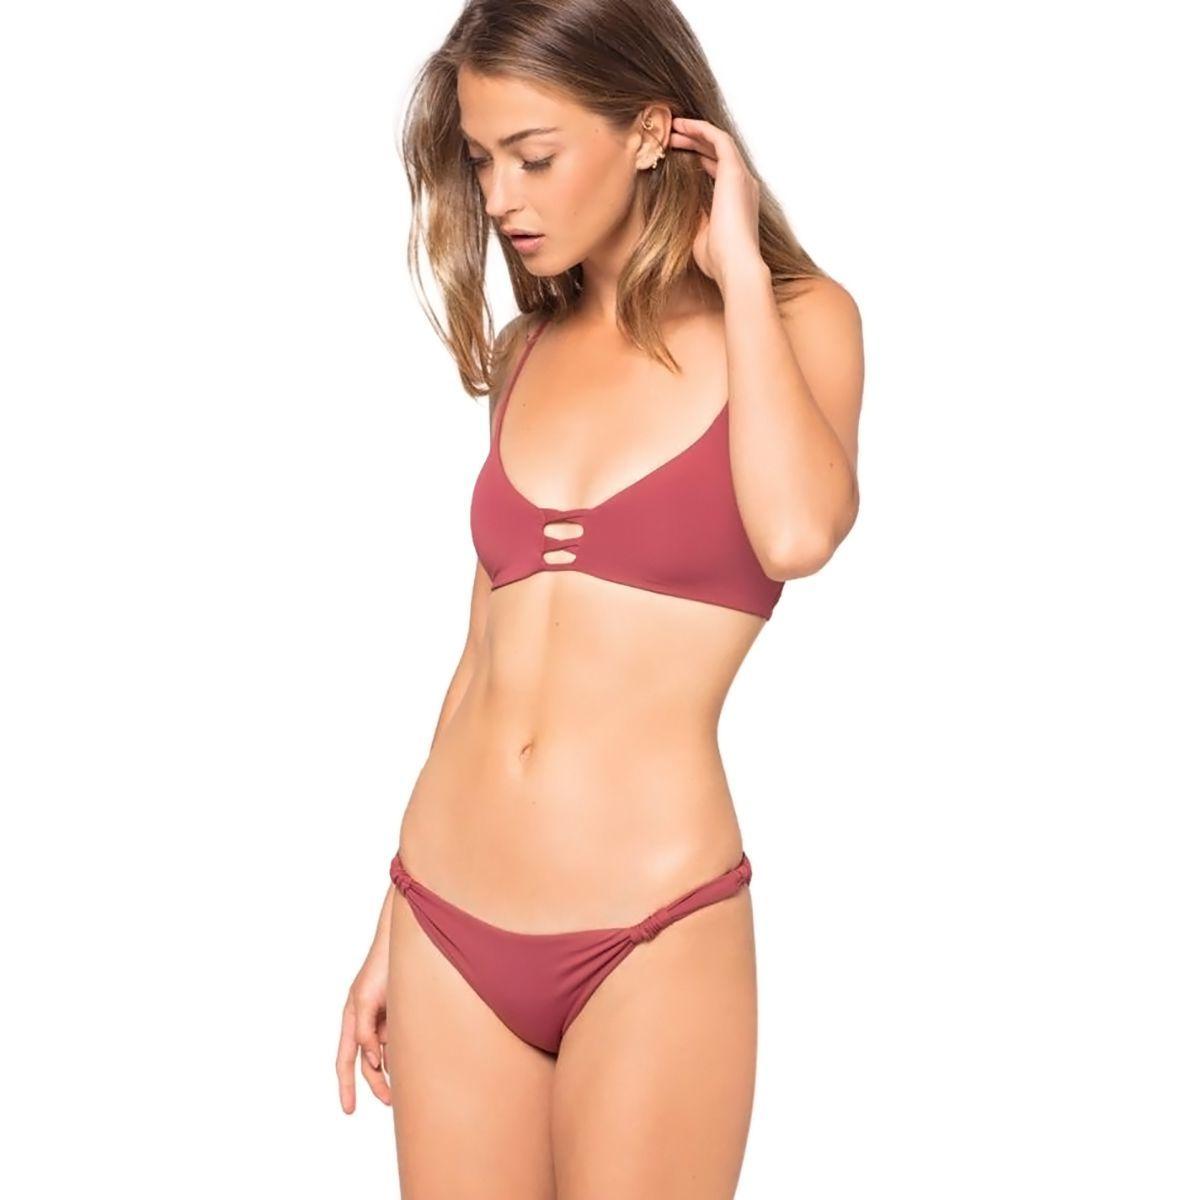 L Space Sundrop Bikini Bottom - Women's